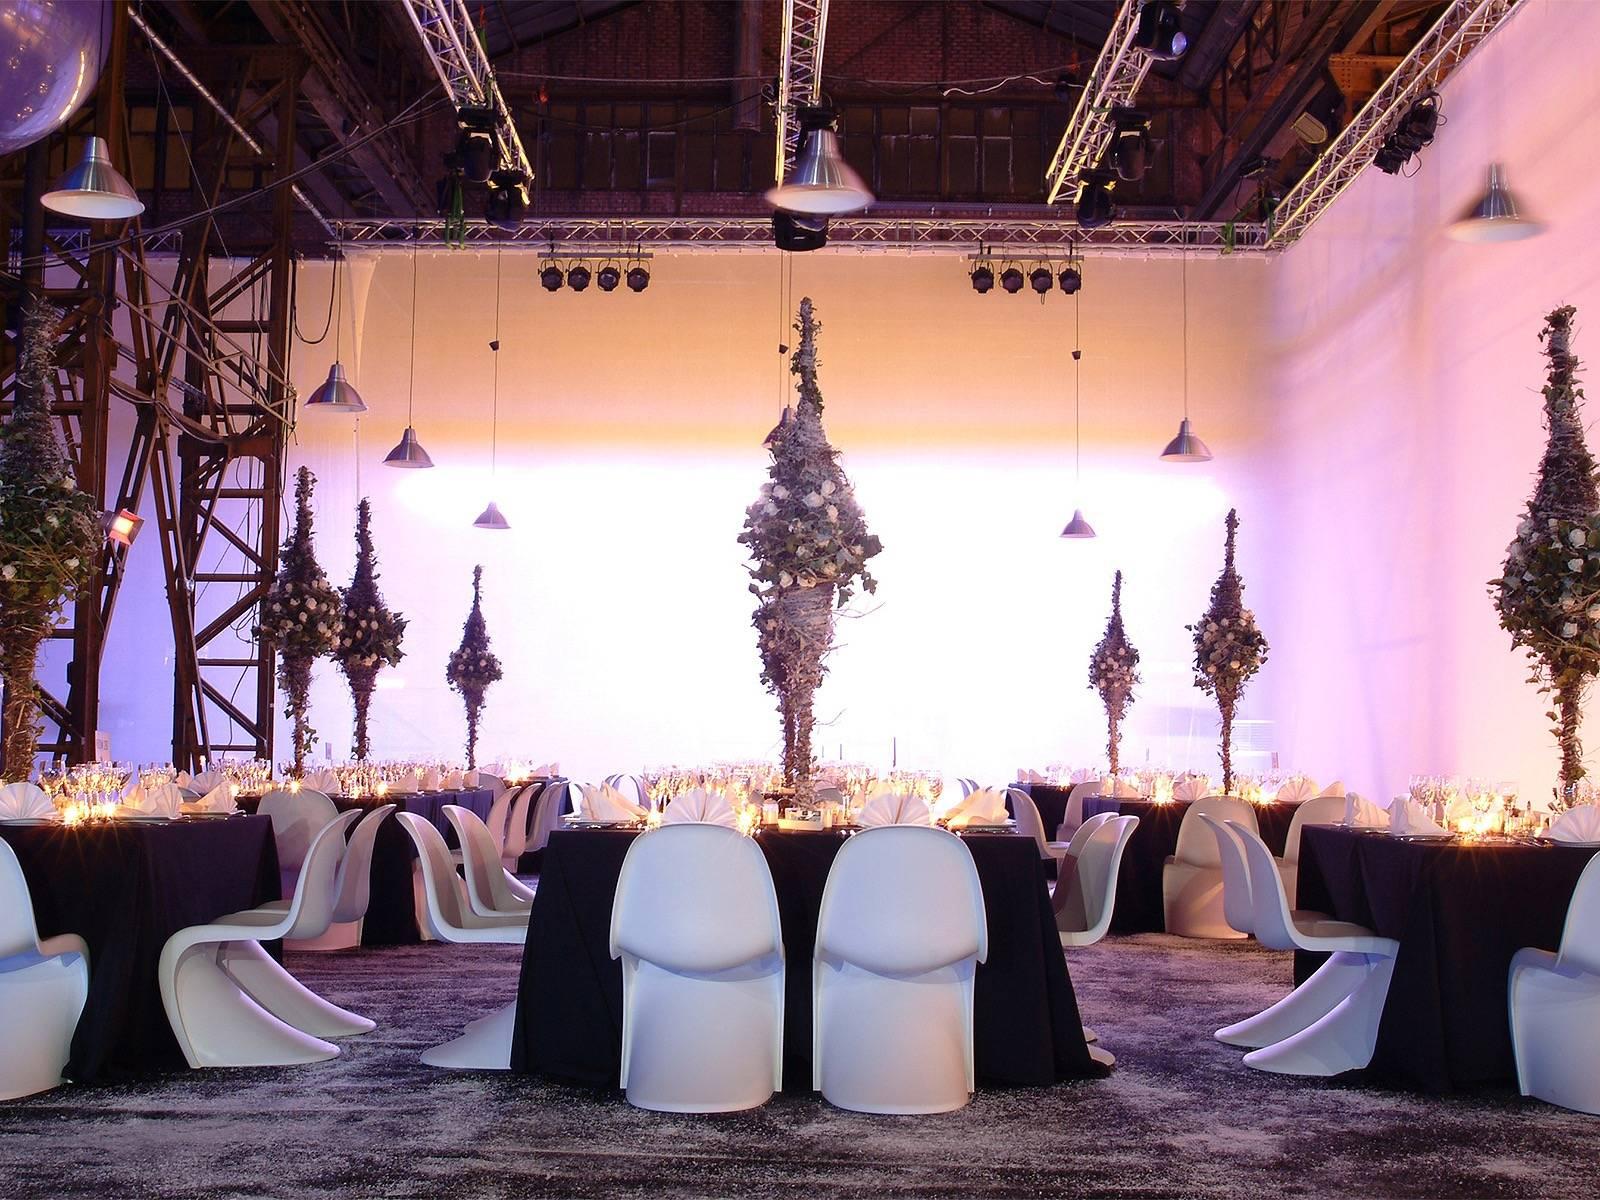 Traiteur Leconte - Catering event - Traiteur - House of Events - 13